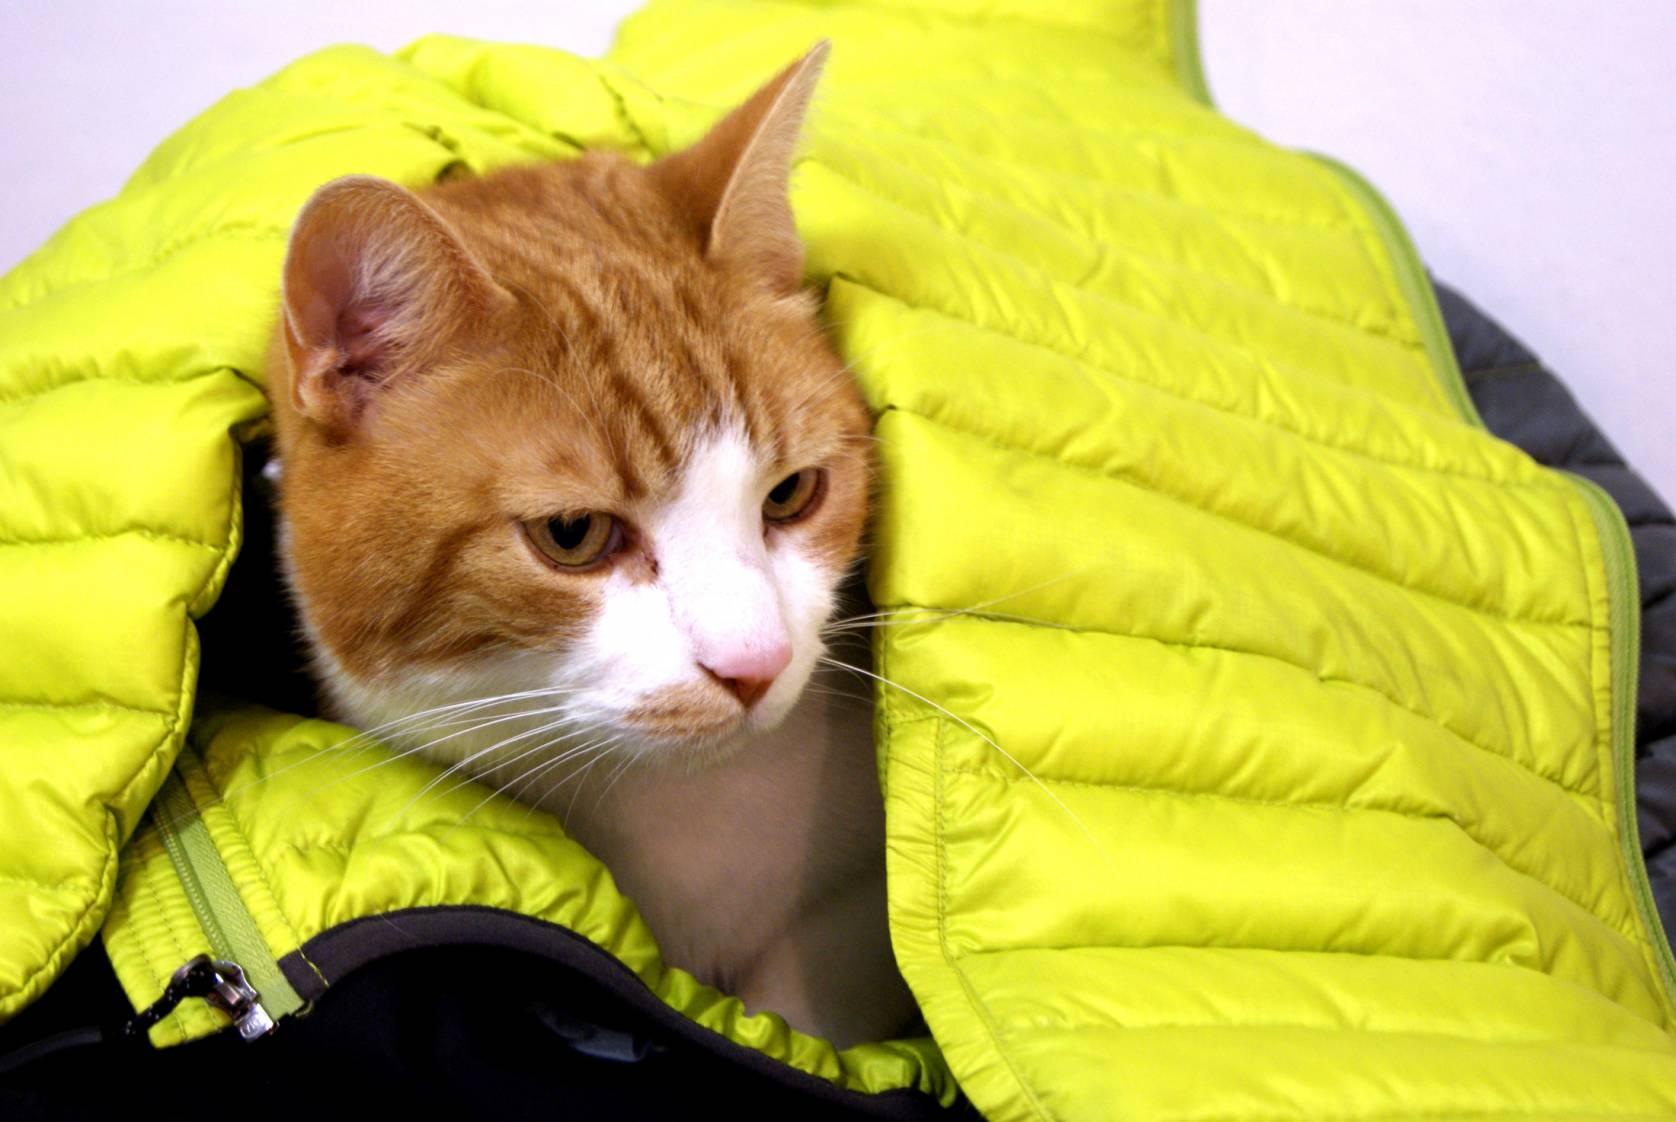 Cat inside down jacket